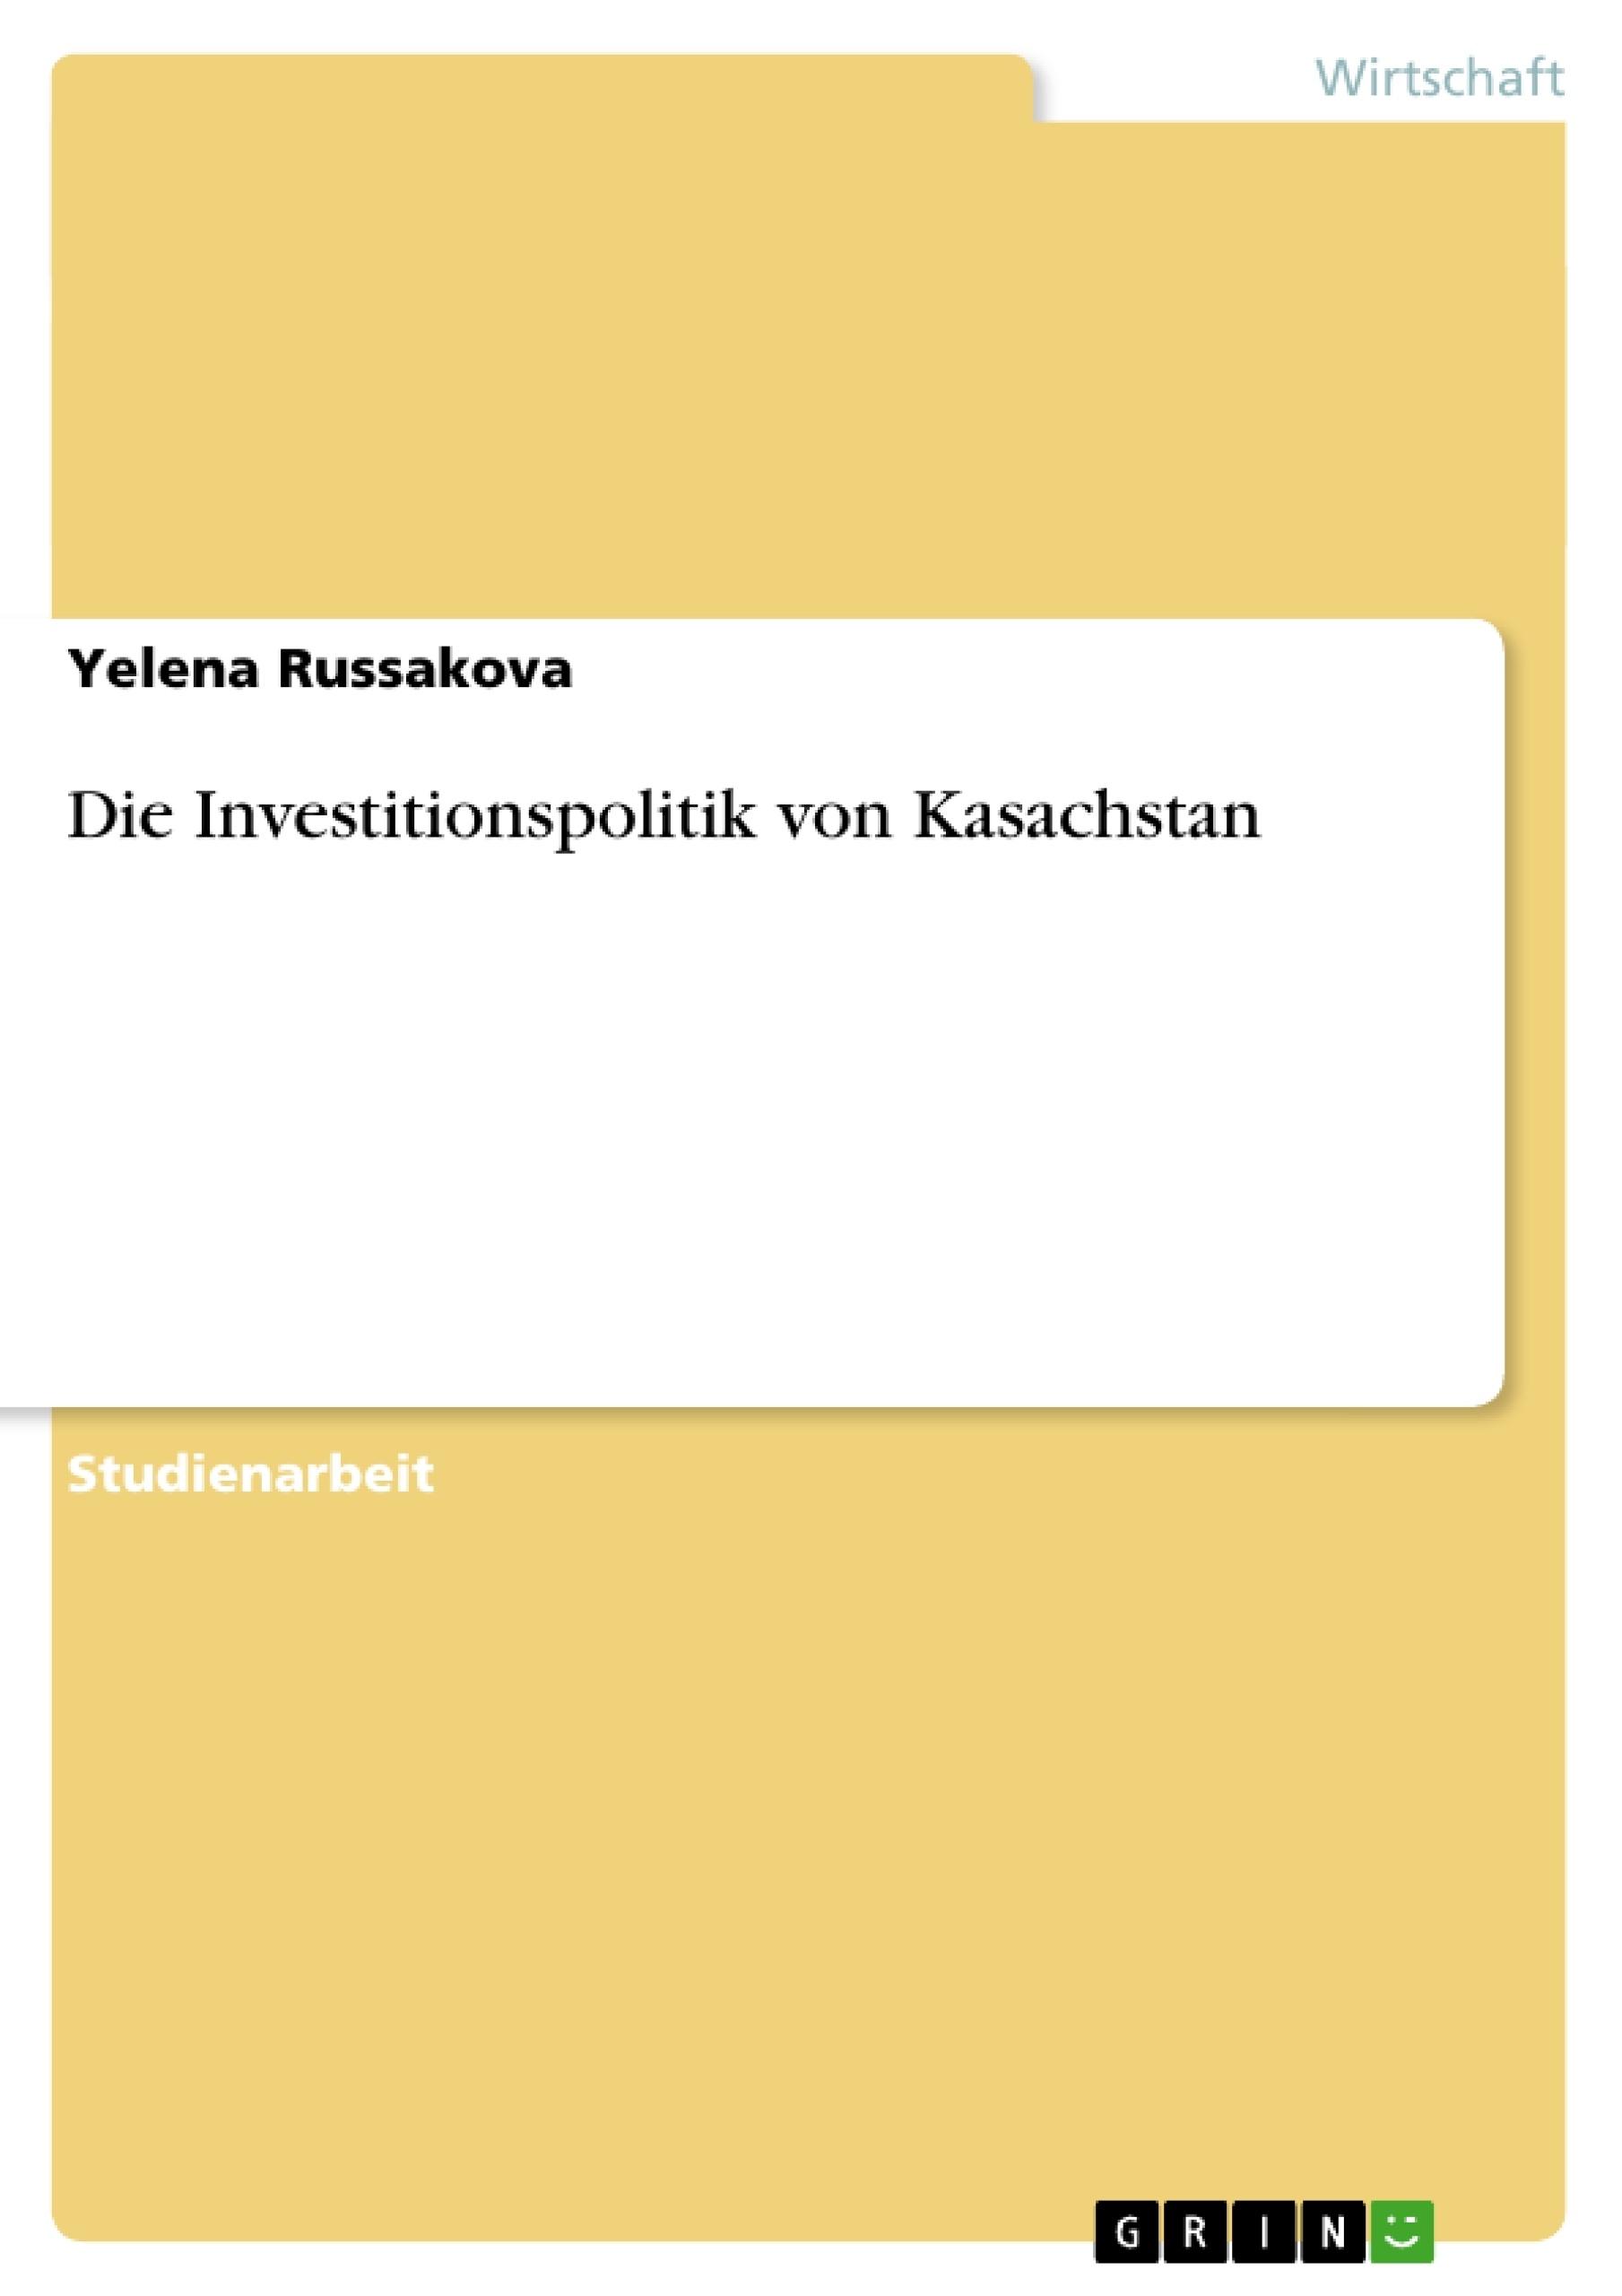 Titel: Die Investitionspolitik von Kasachstan